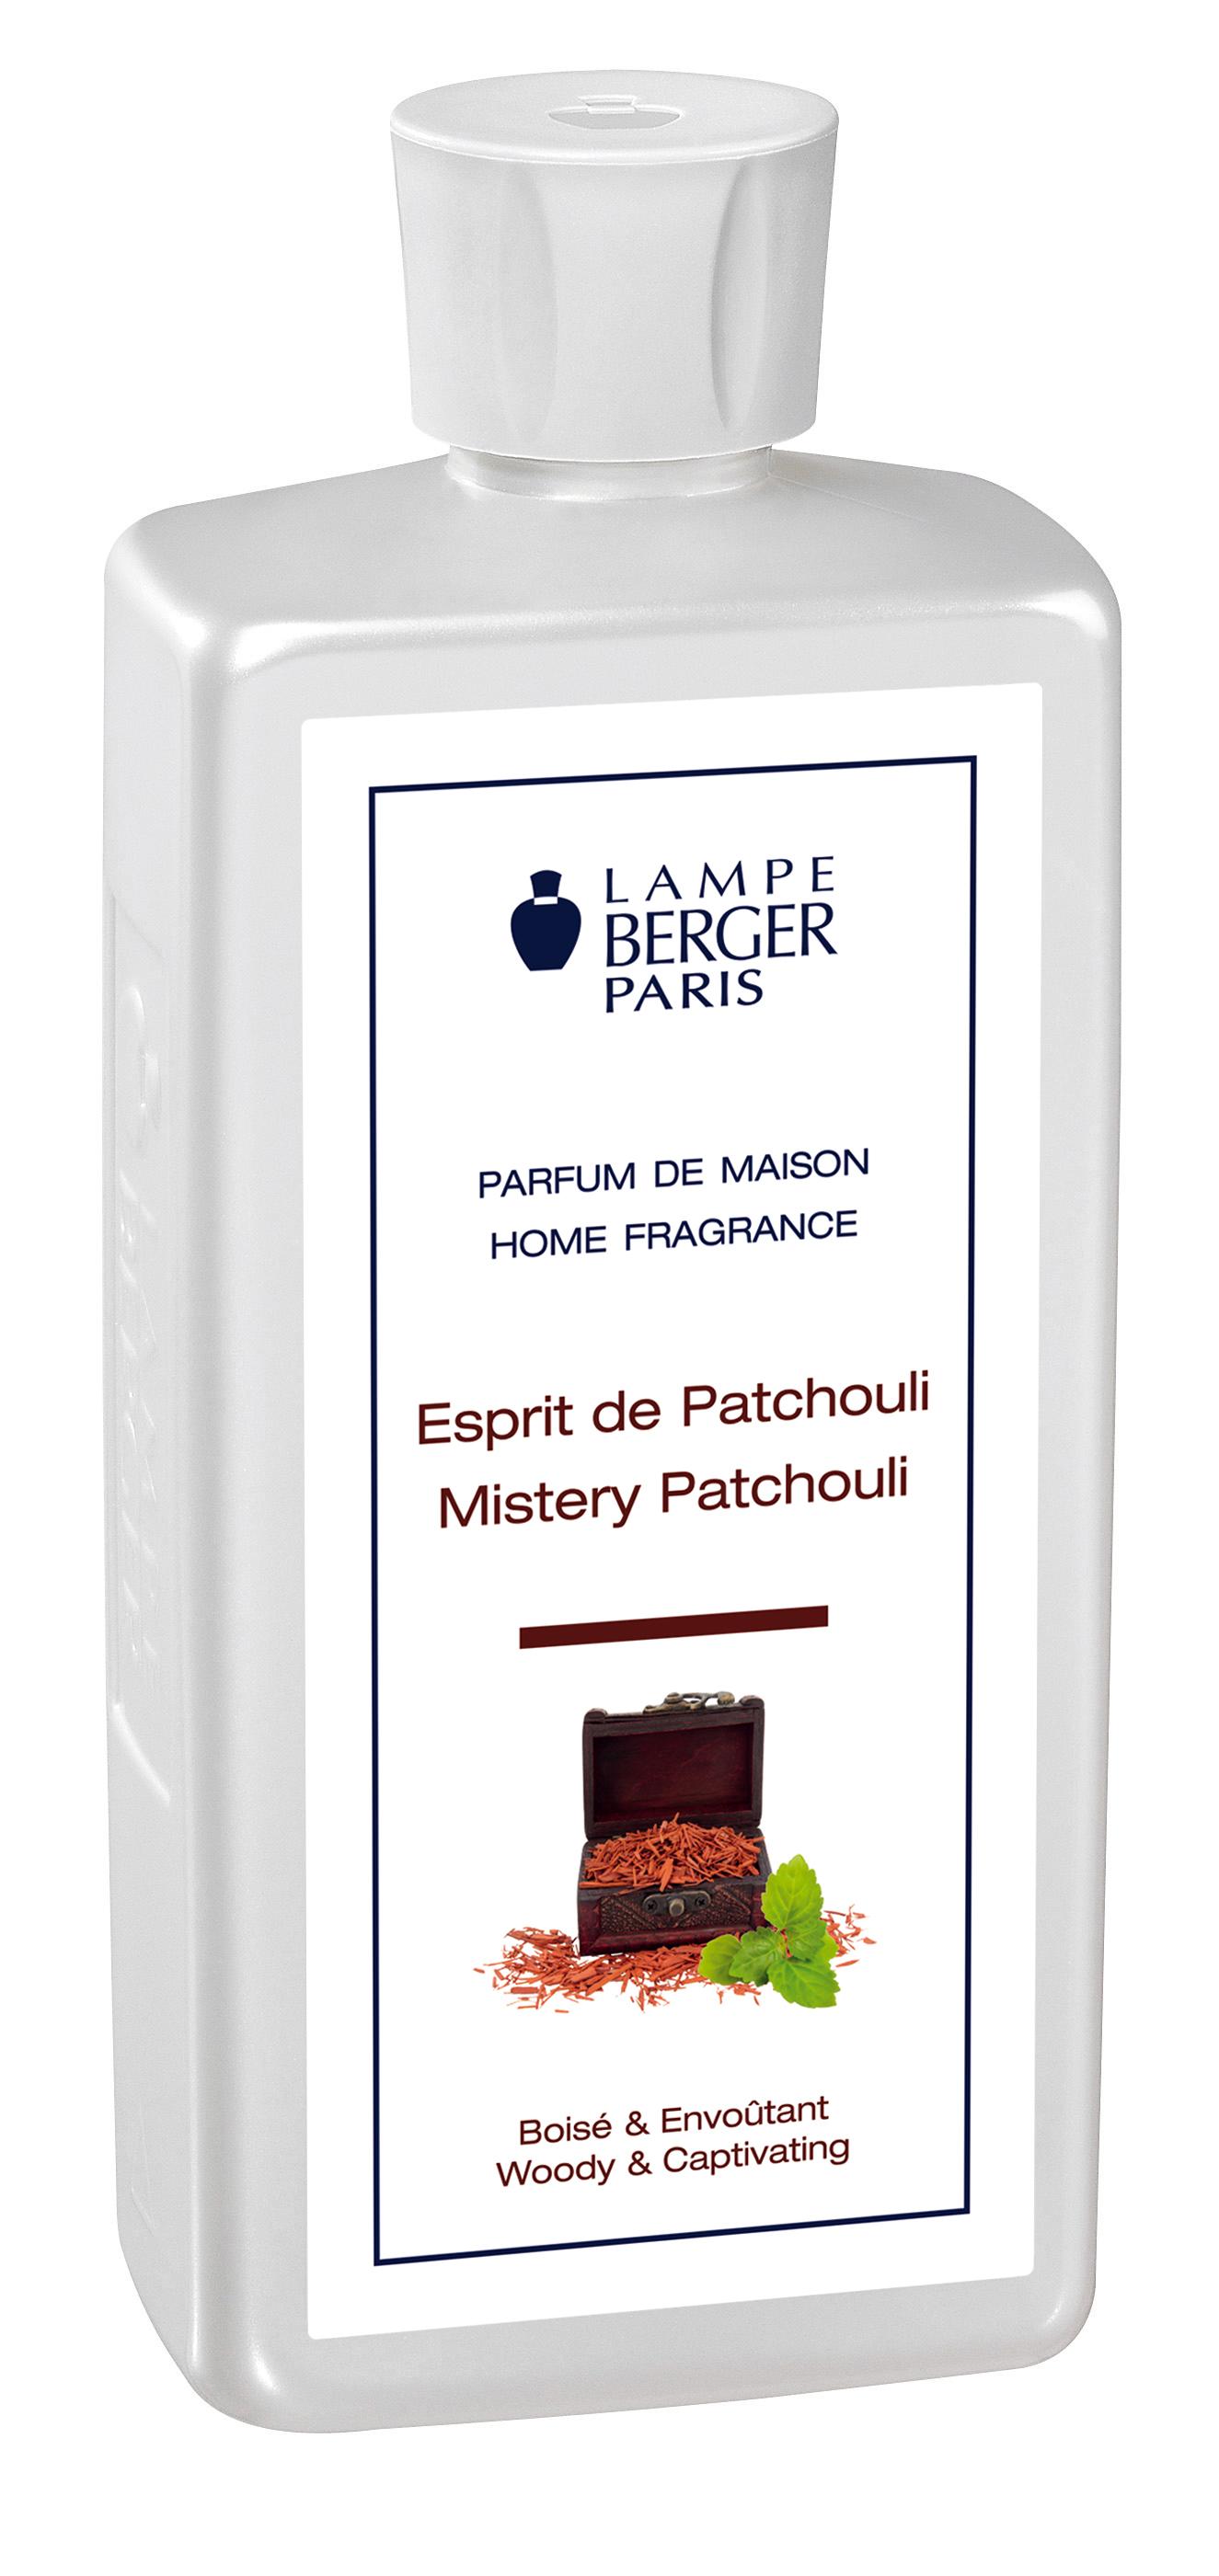 ESPRIT DE PATCHOULI 500ML.jpg